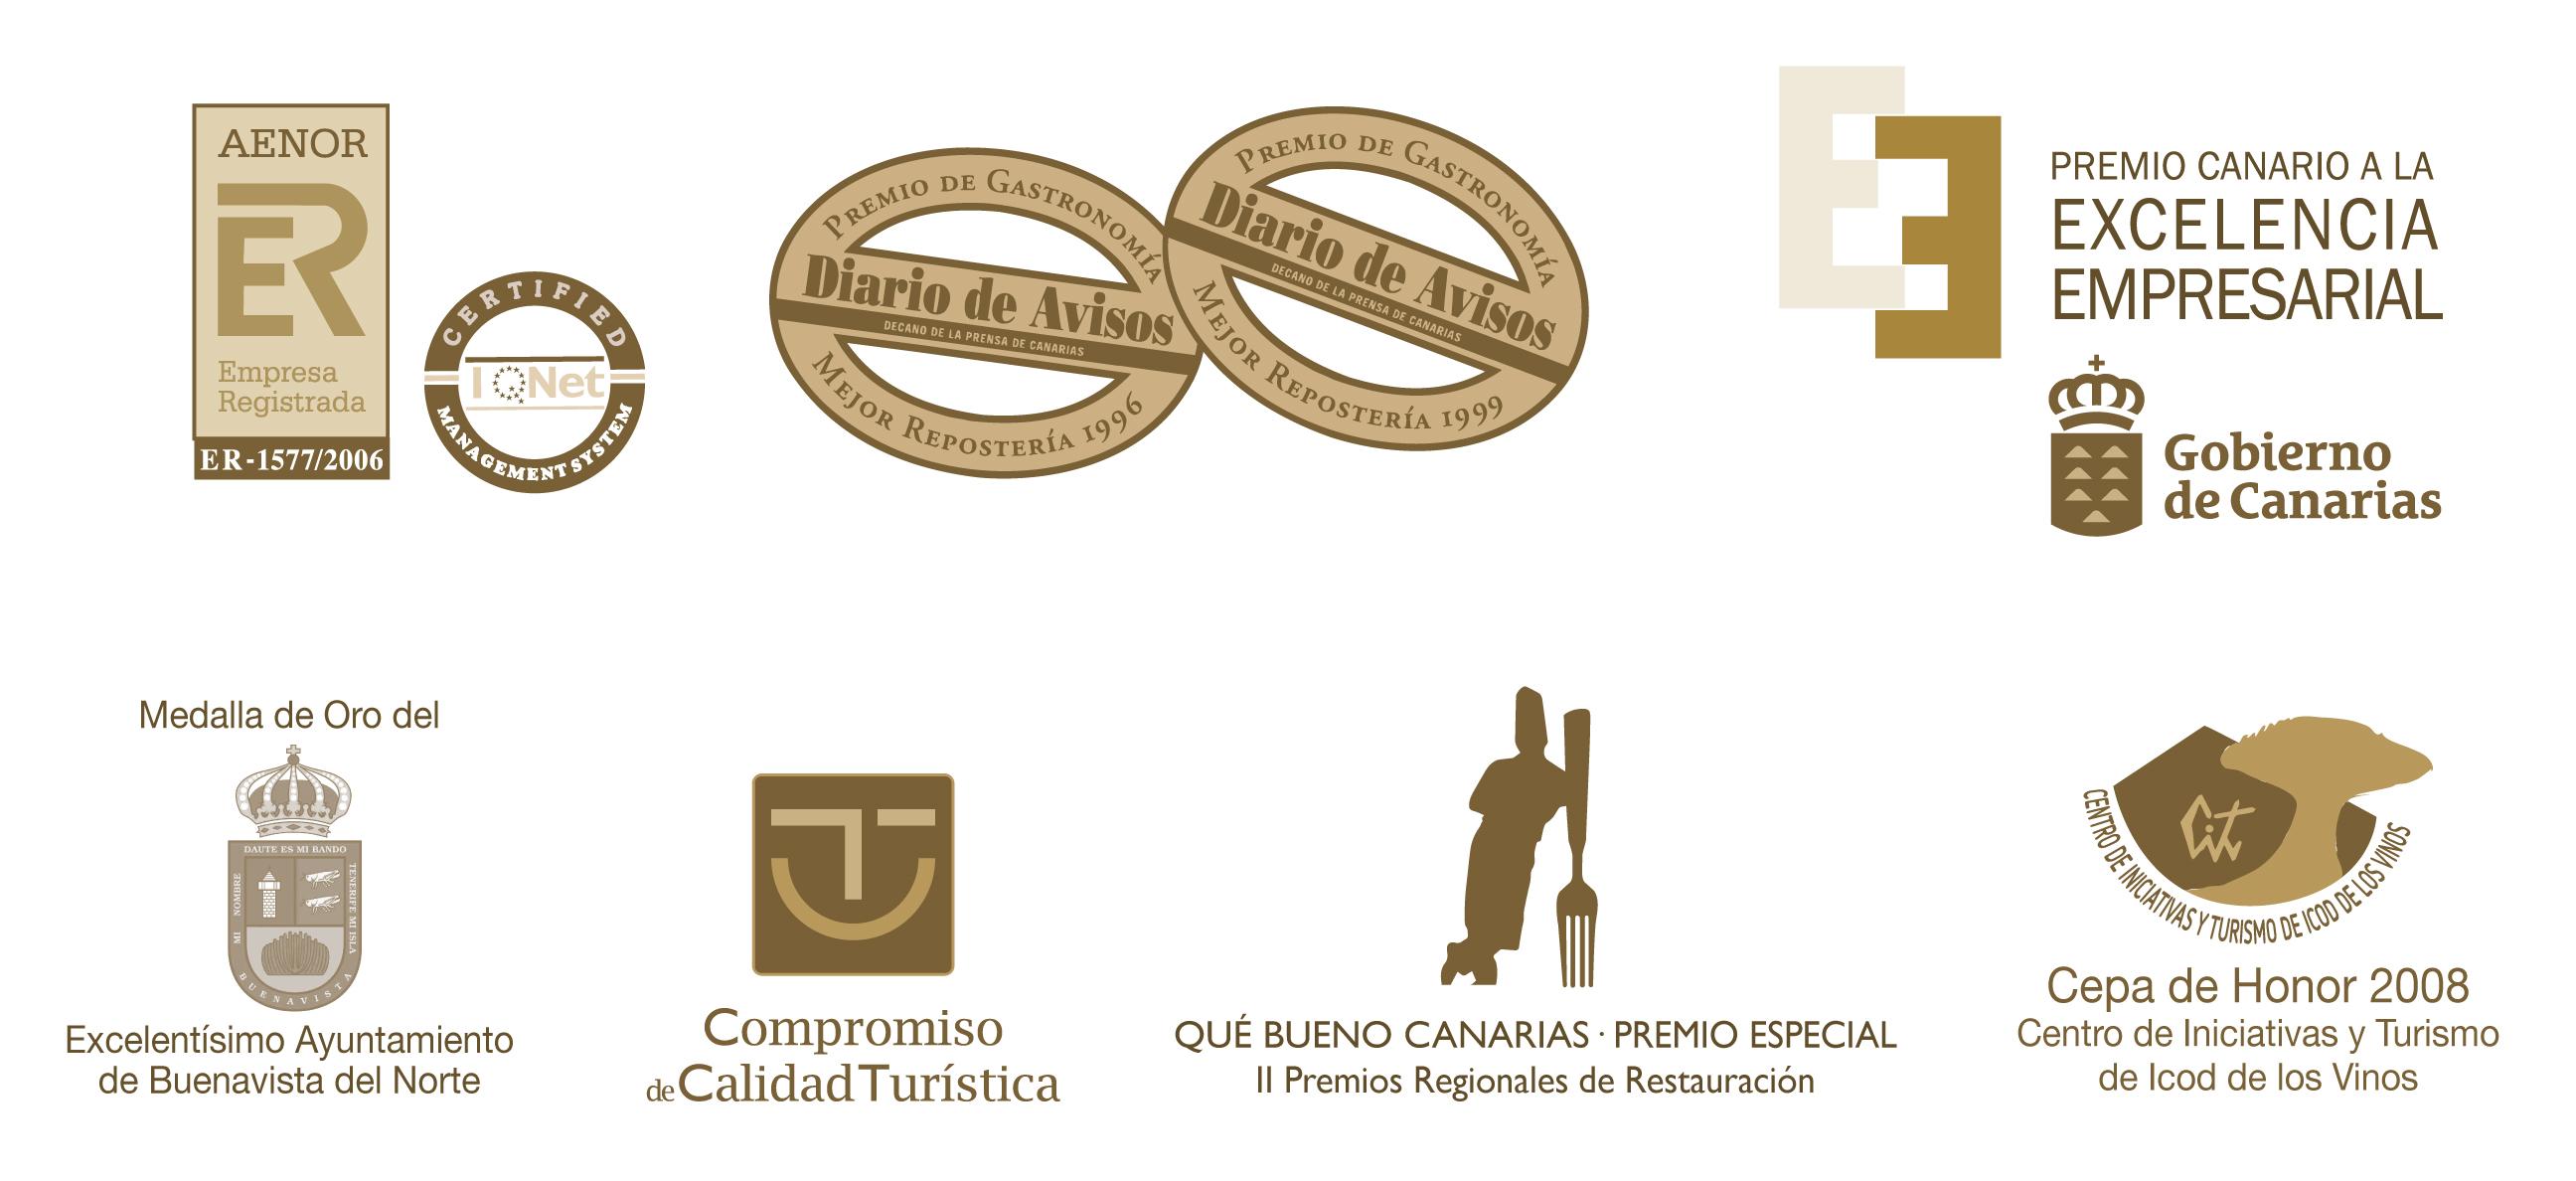 premios y reconocimientos recibidos por El Aderno